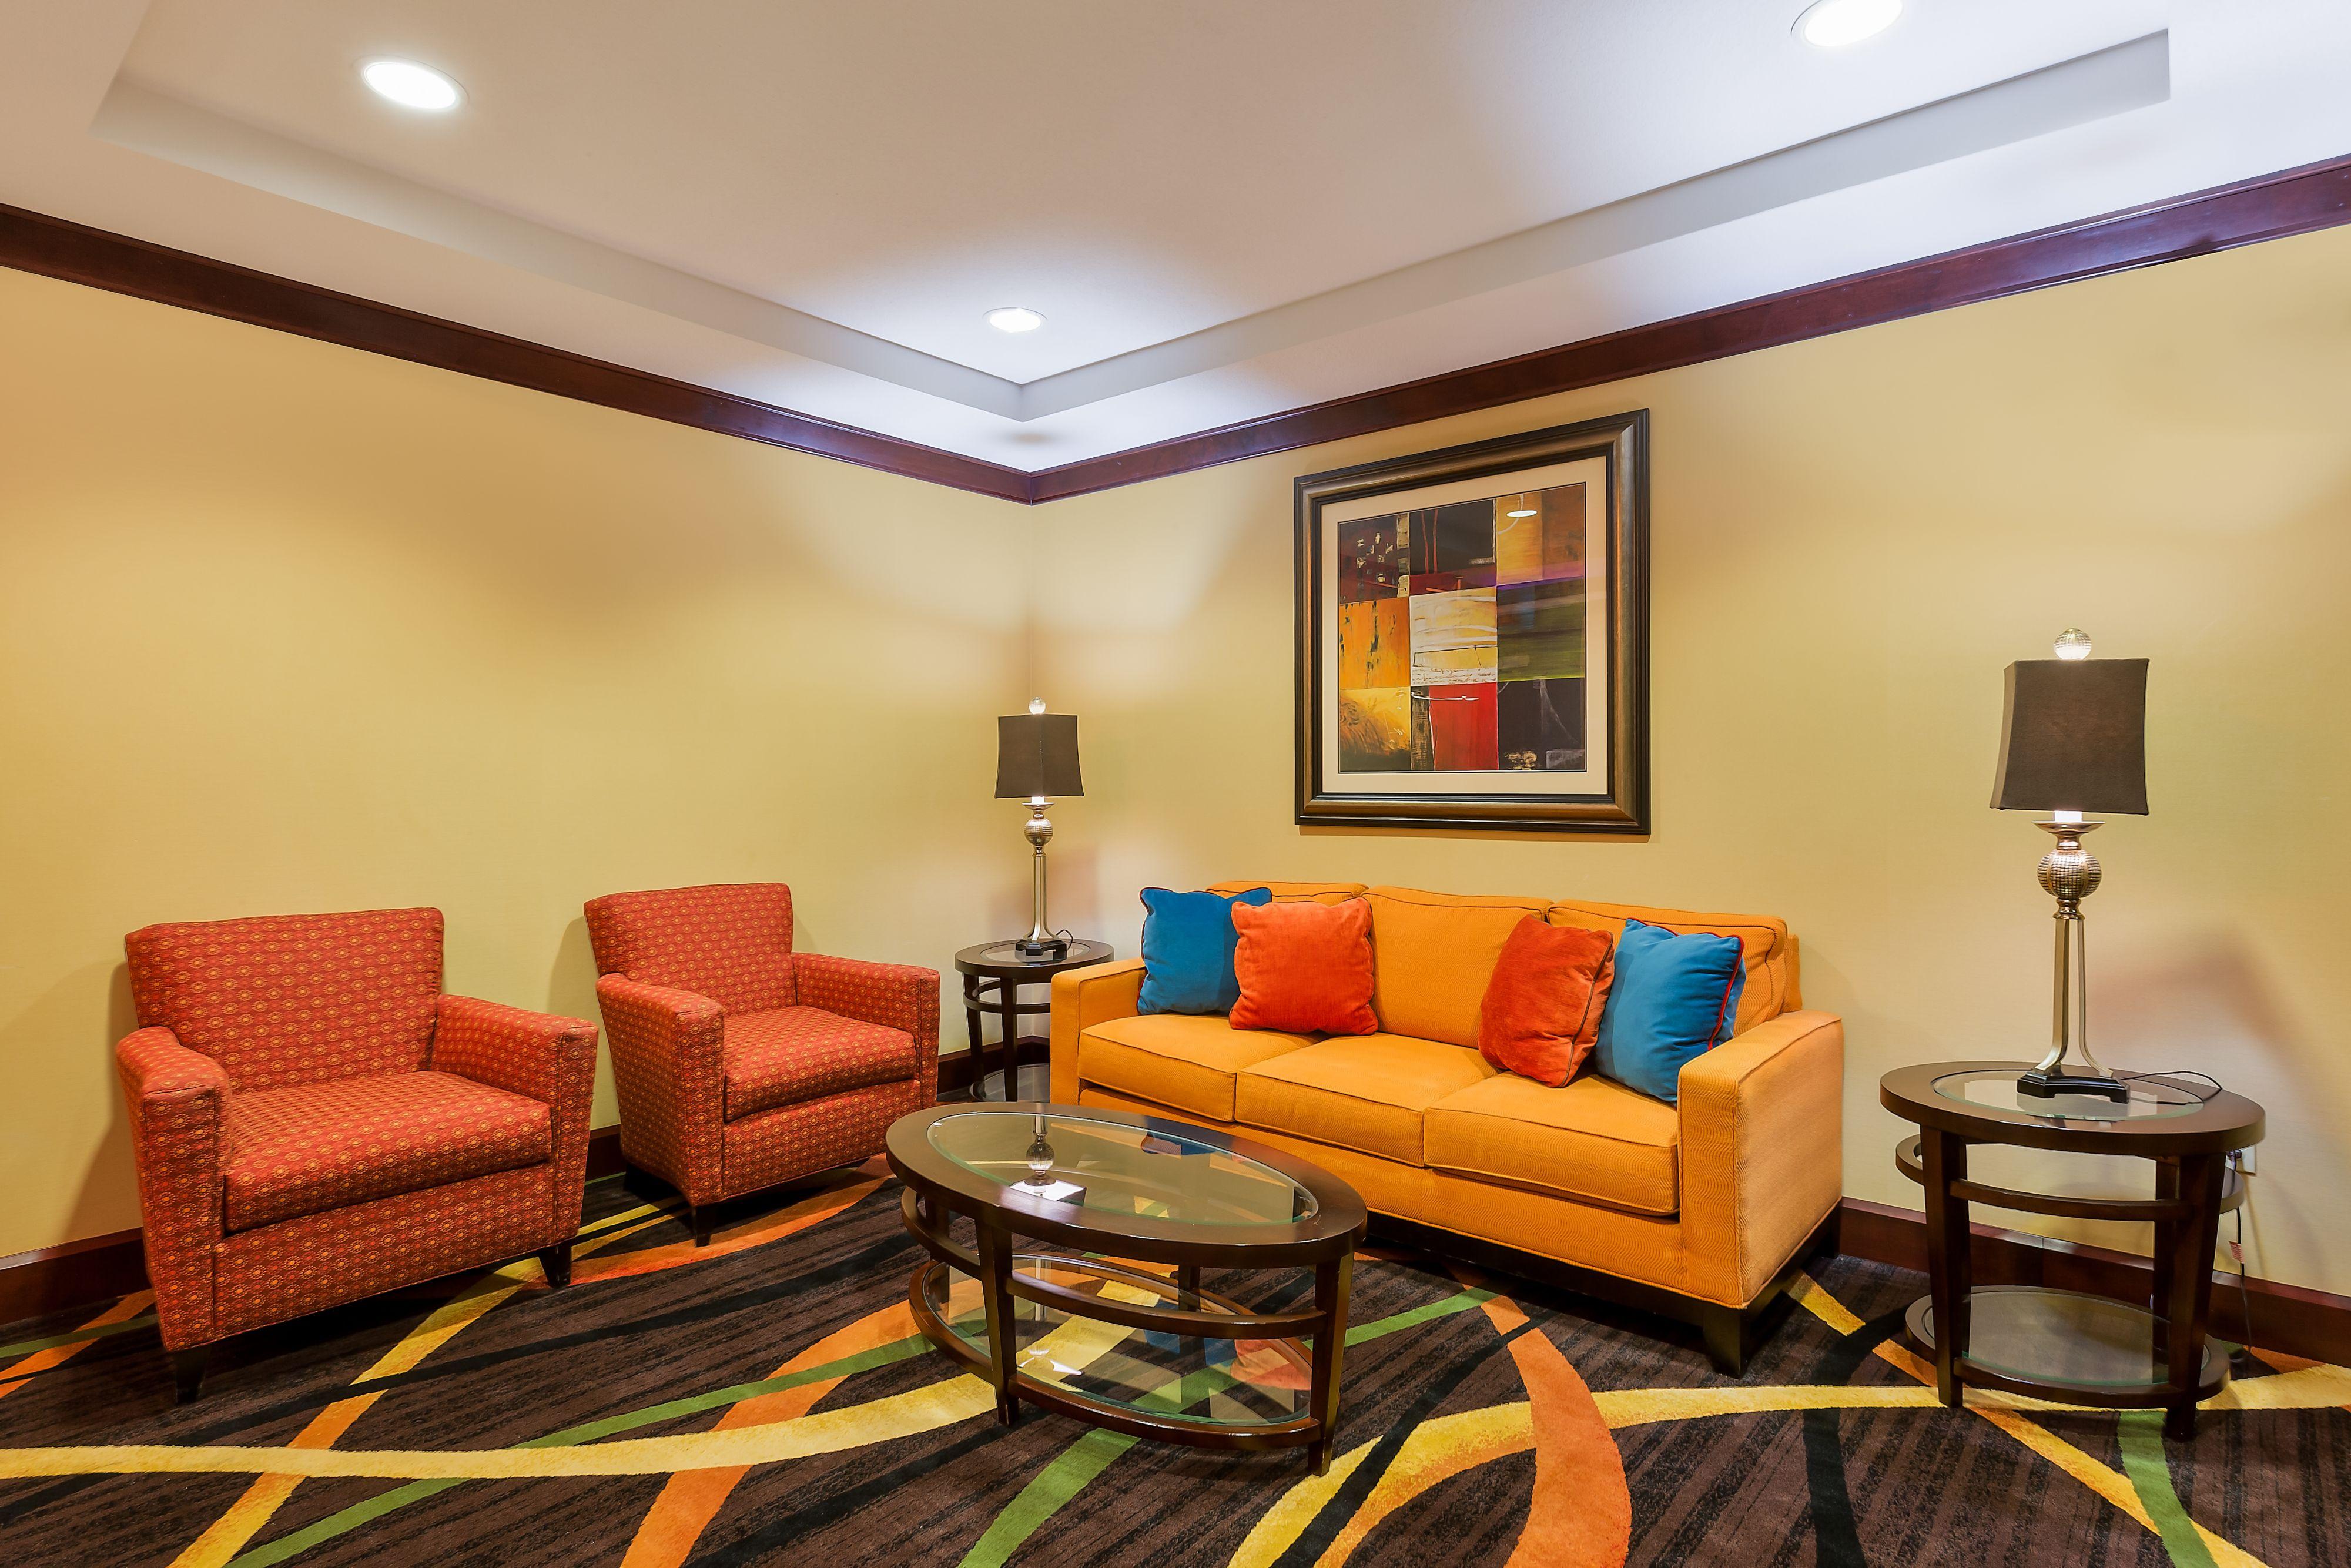 Hotels And Motels In Salina Kansas